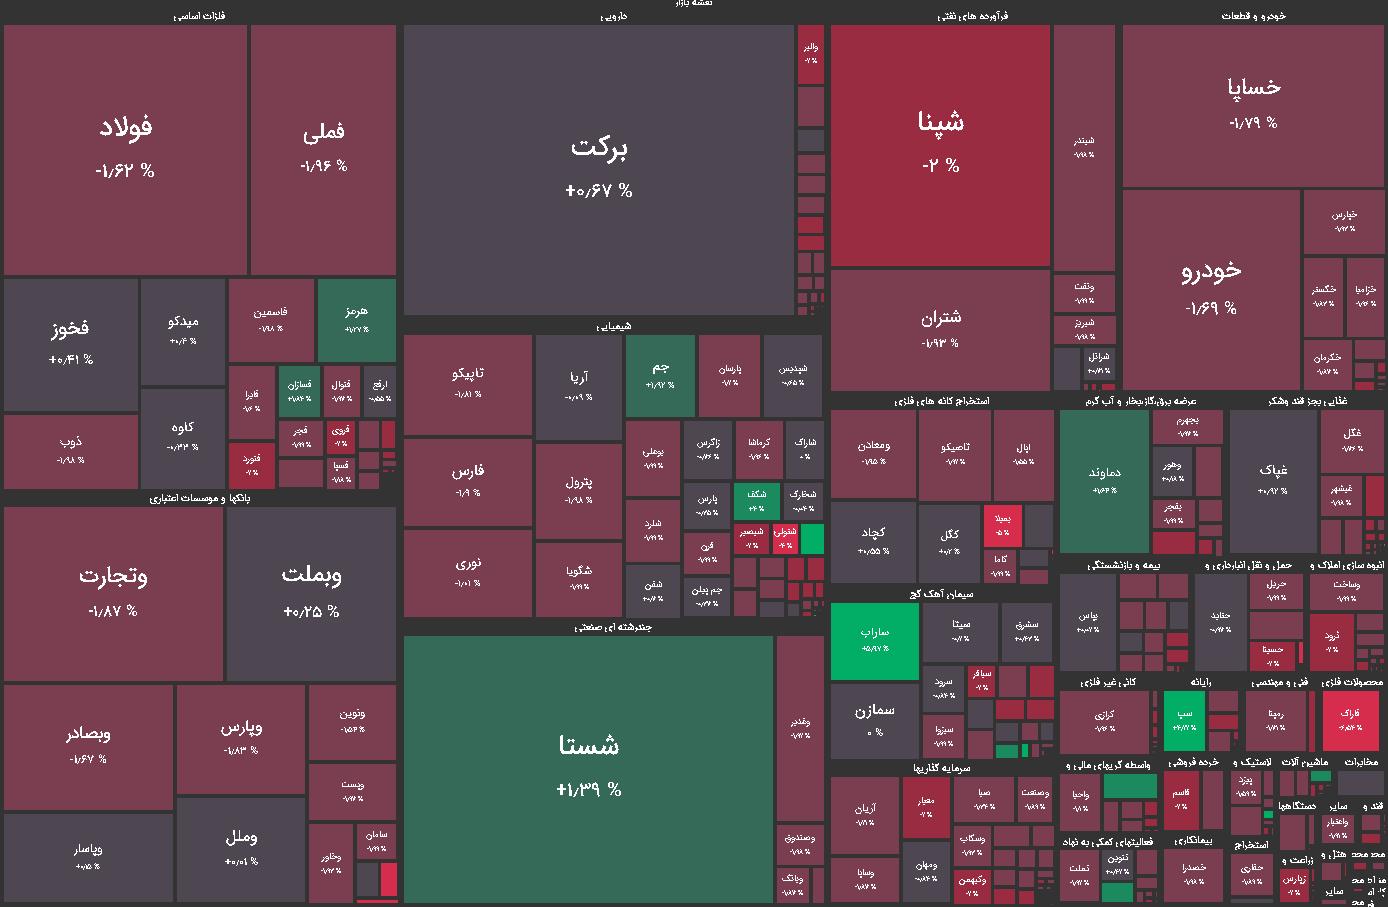 نقشه بازار بورس چهارشنبه 25 فروردین 1400